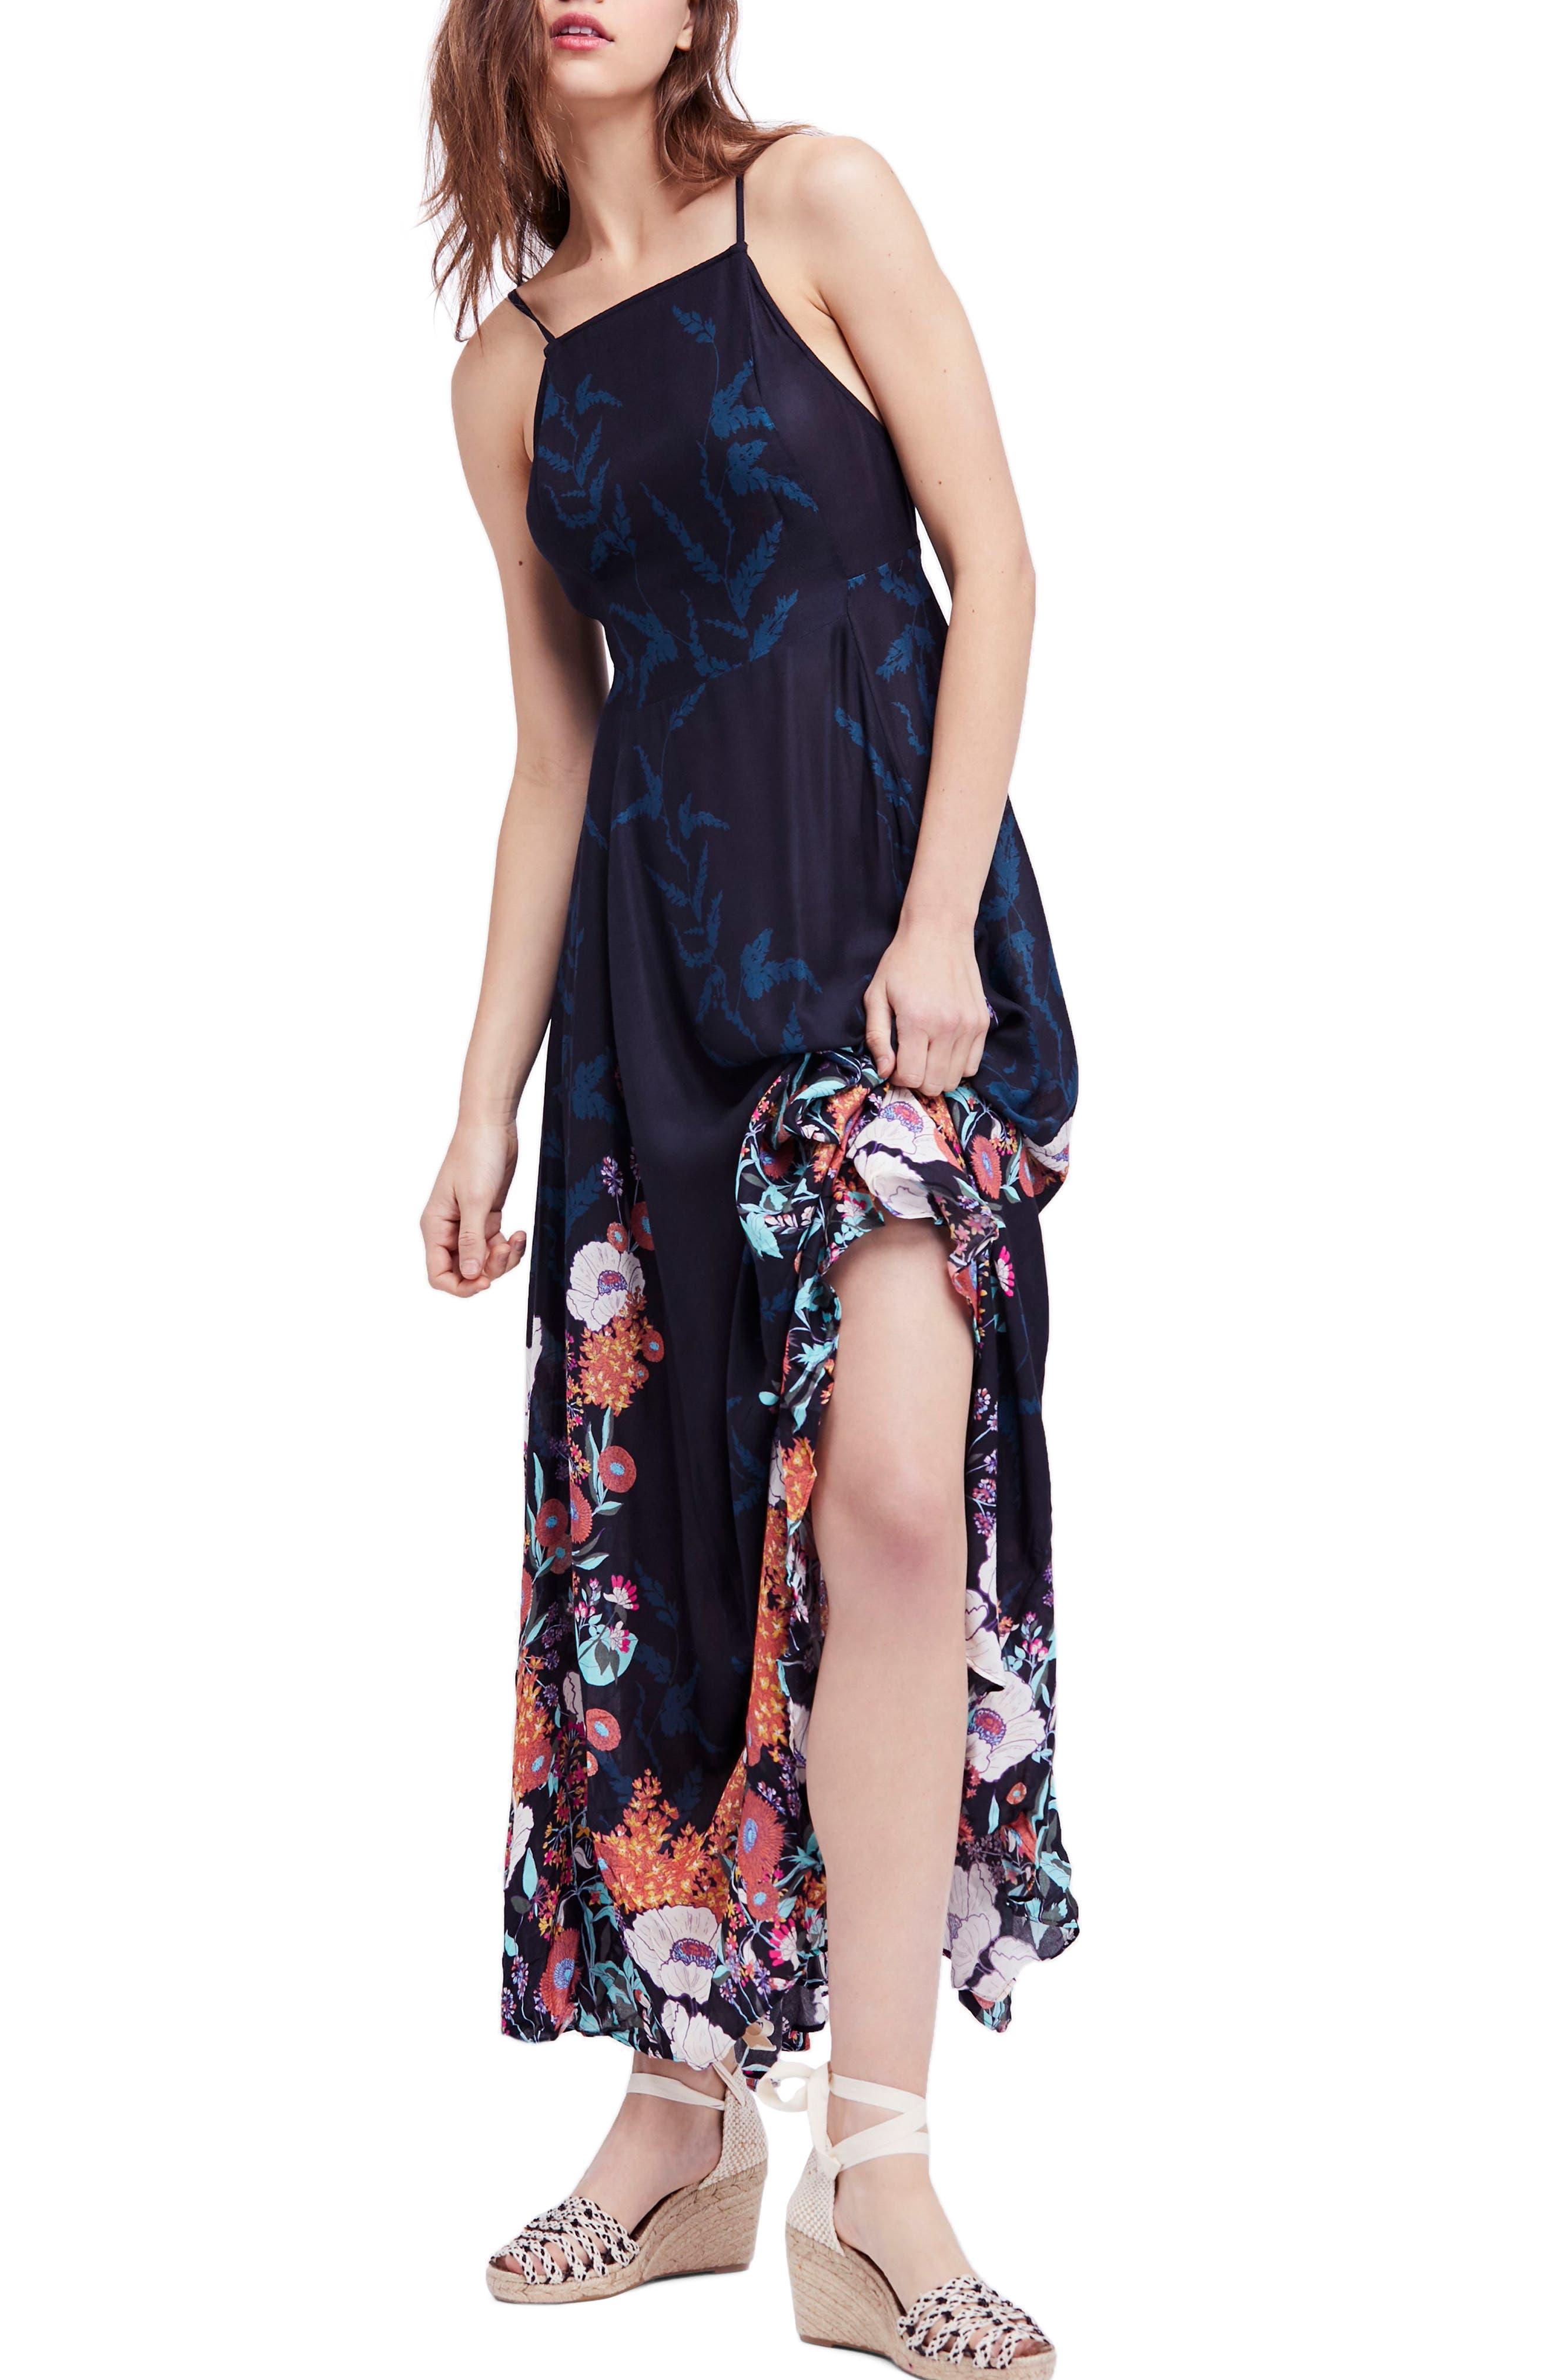 Embrace It Maxi Dress,                             Main thumbnail 1, color,                             Black Combo